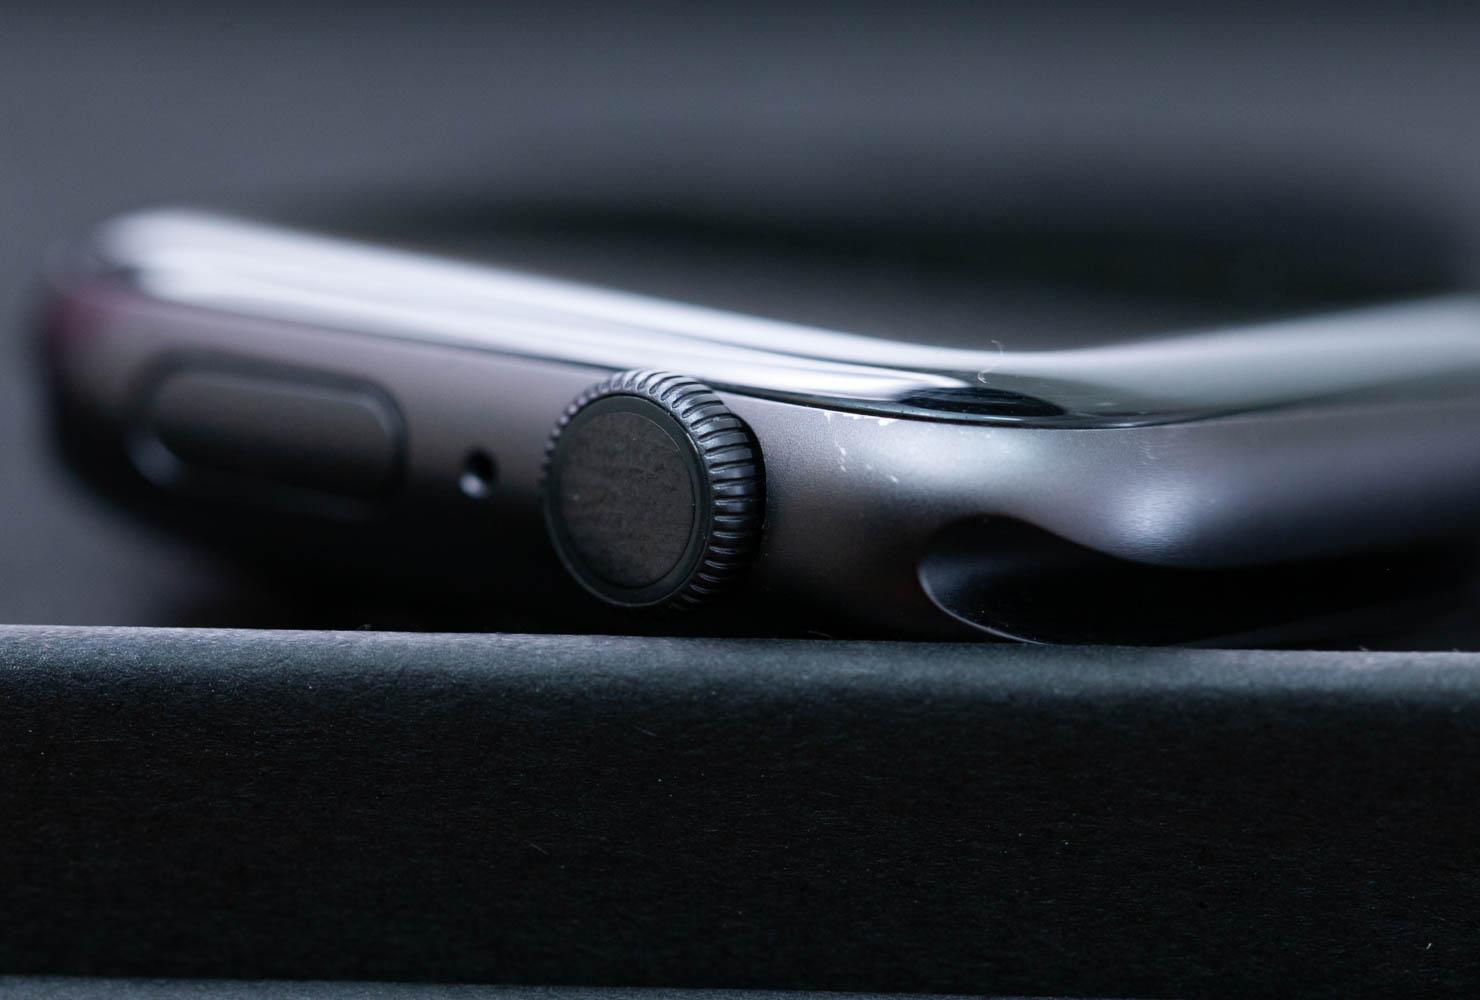 Apple Watch 不可忽視保護性